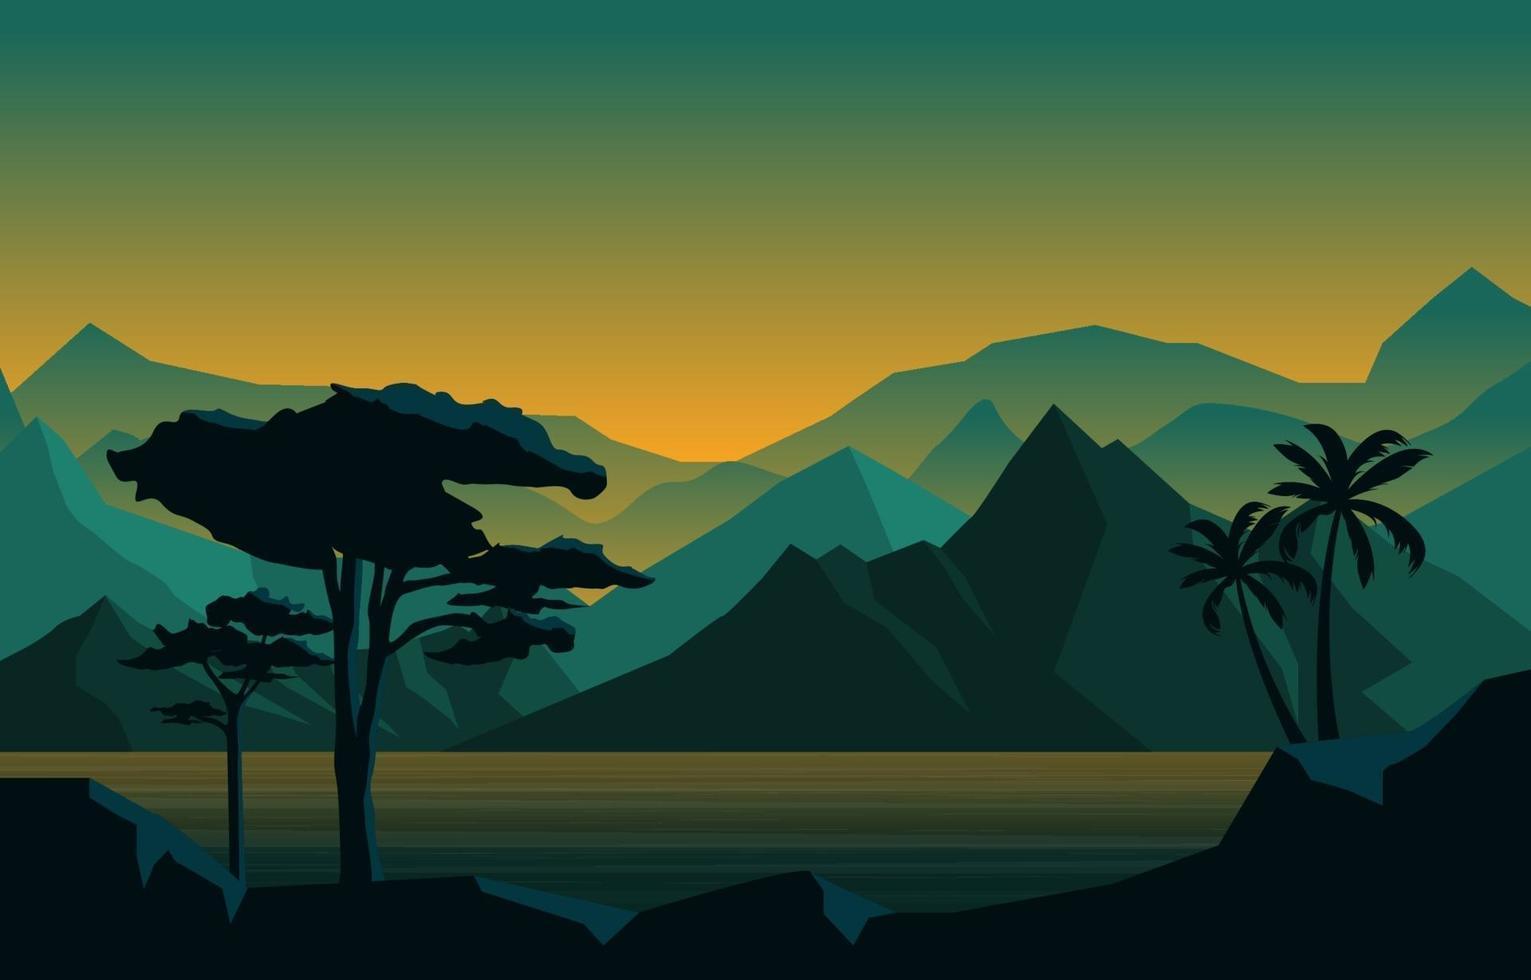 avond kalm in berg boslandschap illustratie vector